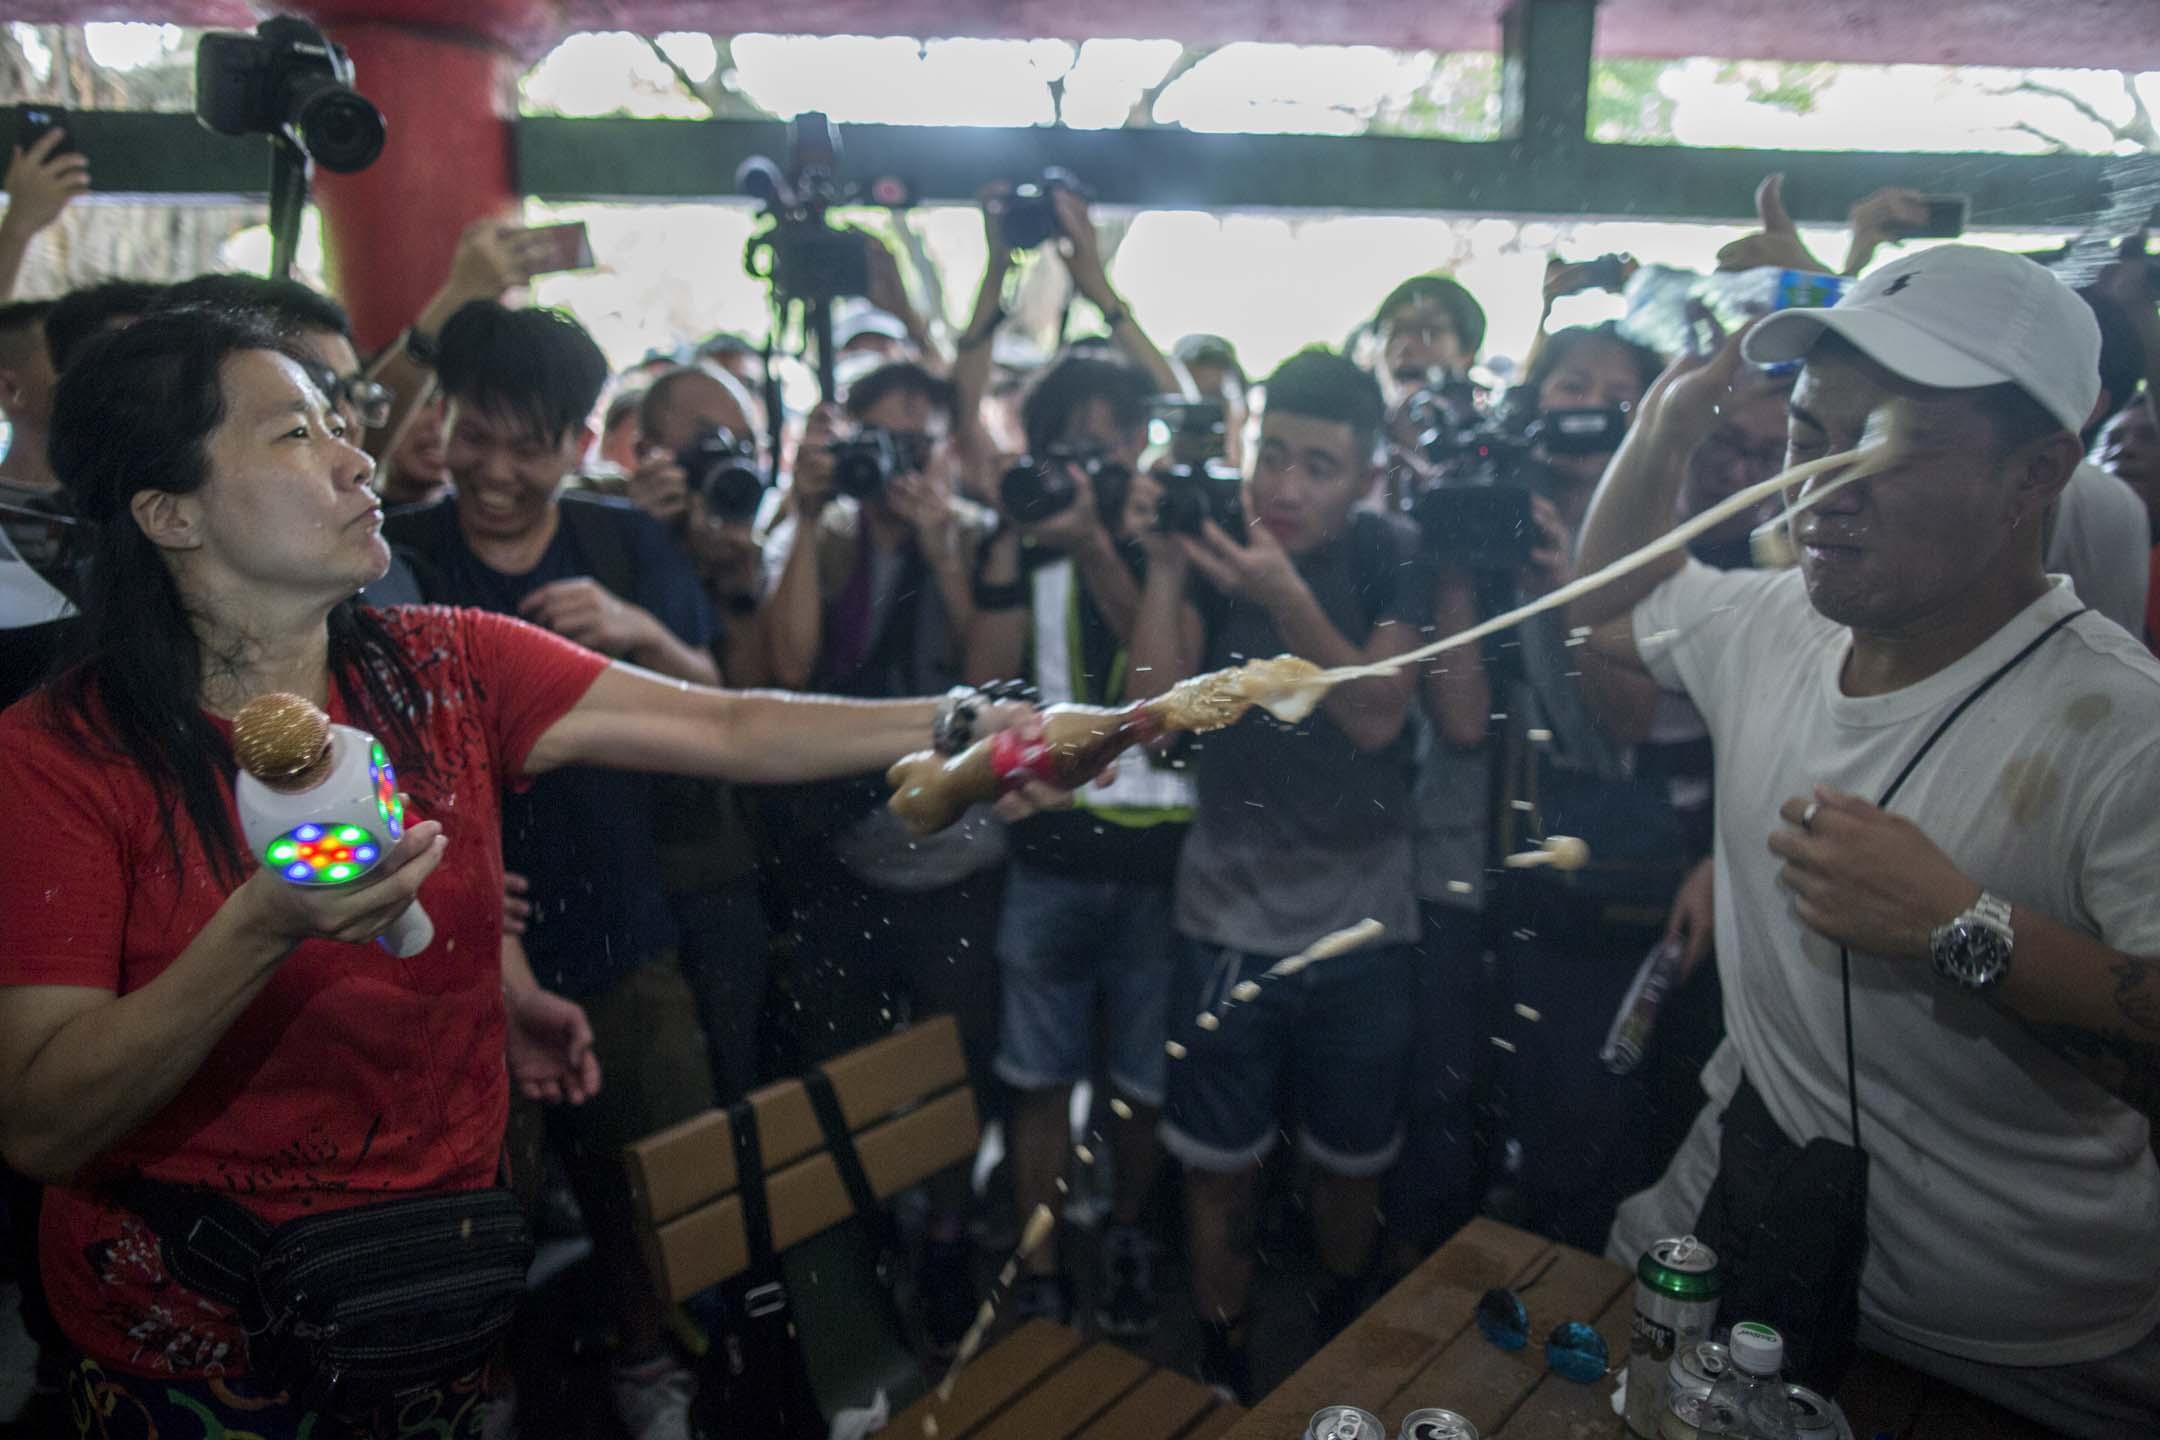 2019年7月6日,「光復屯門公園」行動,一名疑似歌舞團的表演者遭示威者圍罵,期間雙方互相向對方潑液體。 攝:林振東/端傳媒